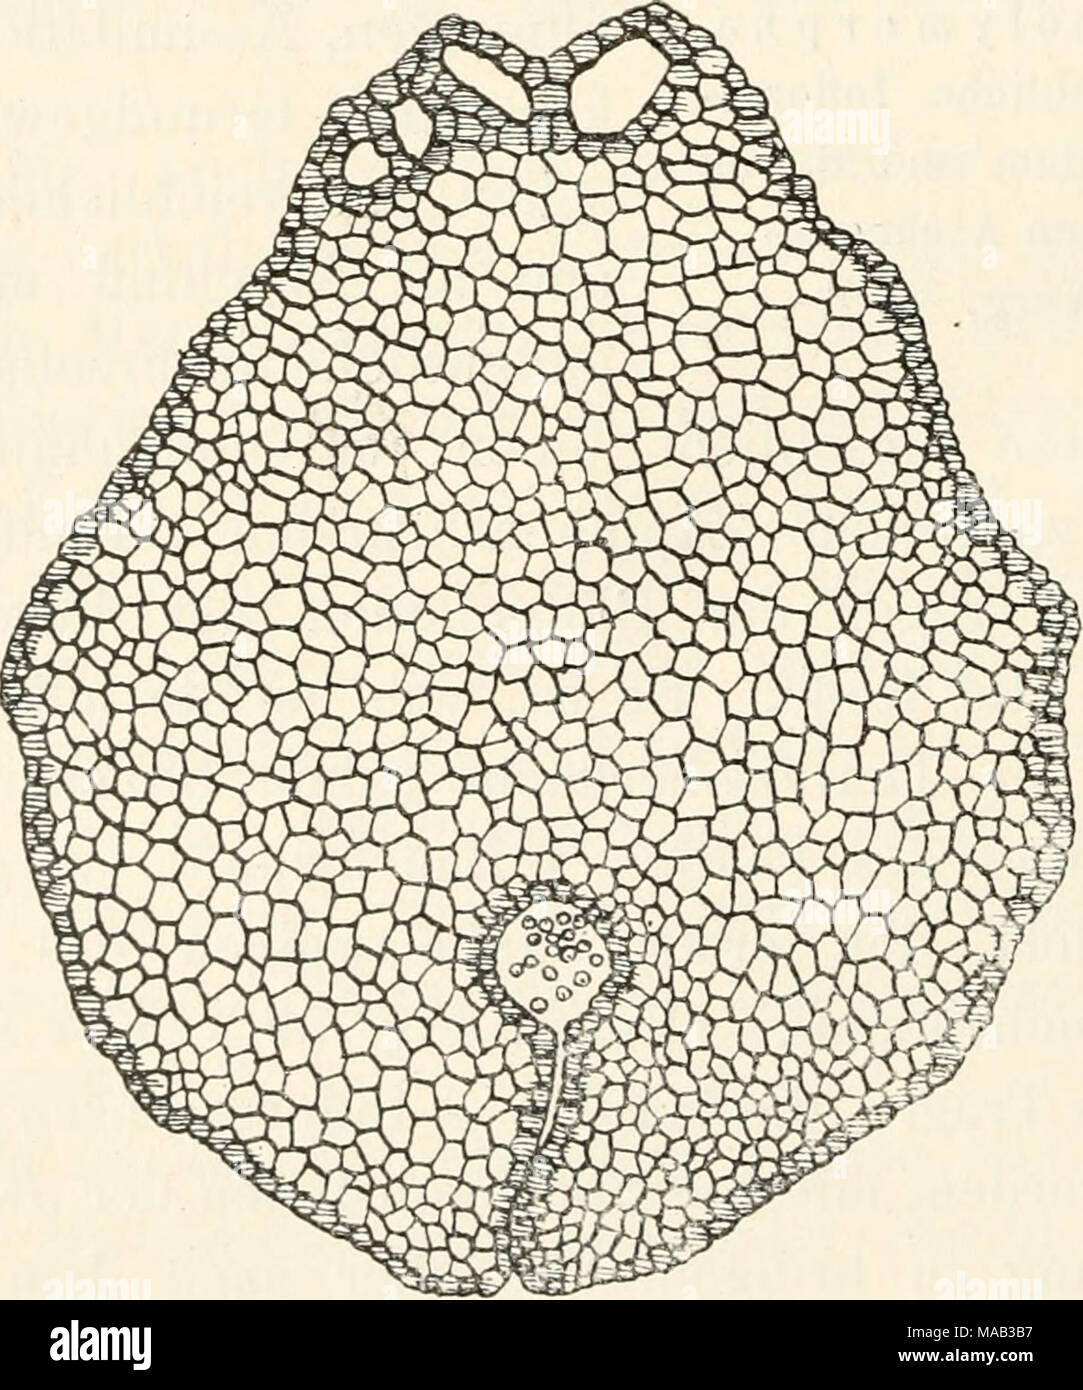 . Dr. L. Rabenhorst's Kryptogamen-Flora von Deutschland, Oesterreich und der Schweiz . Fig. .58. R e b 0 u 1 i a h e m i s p h a e r i c a. Querschnitt durch einen Inflorescenzträger mit einer Bauchrinne. Verj - Stock Image